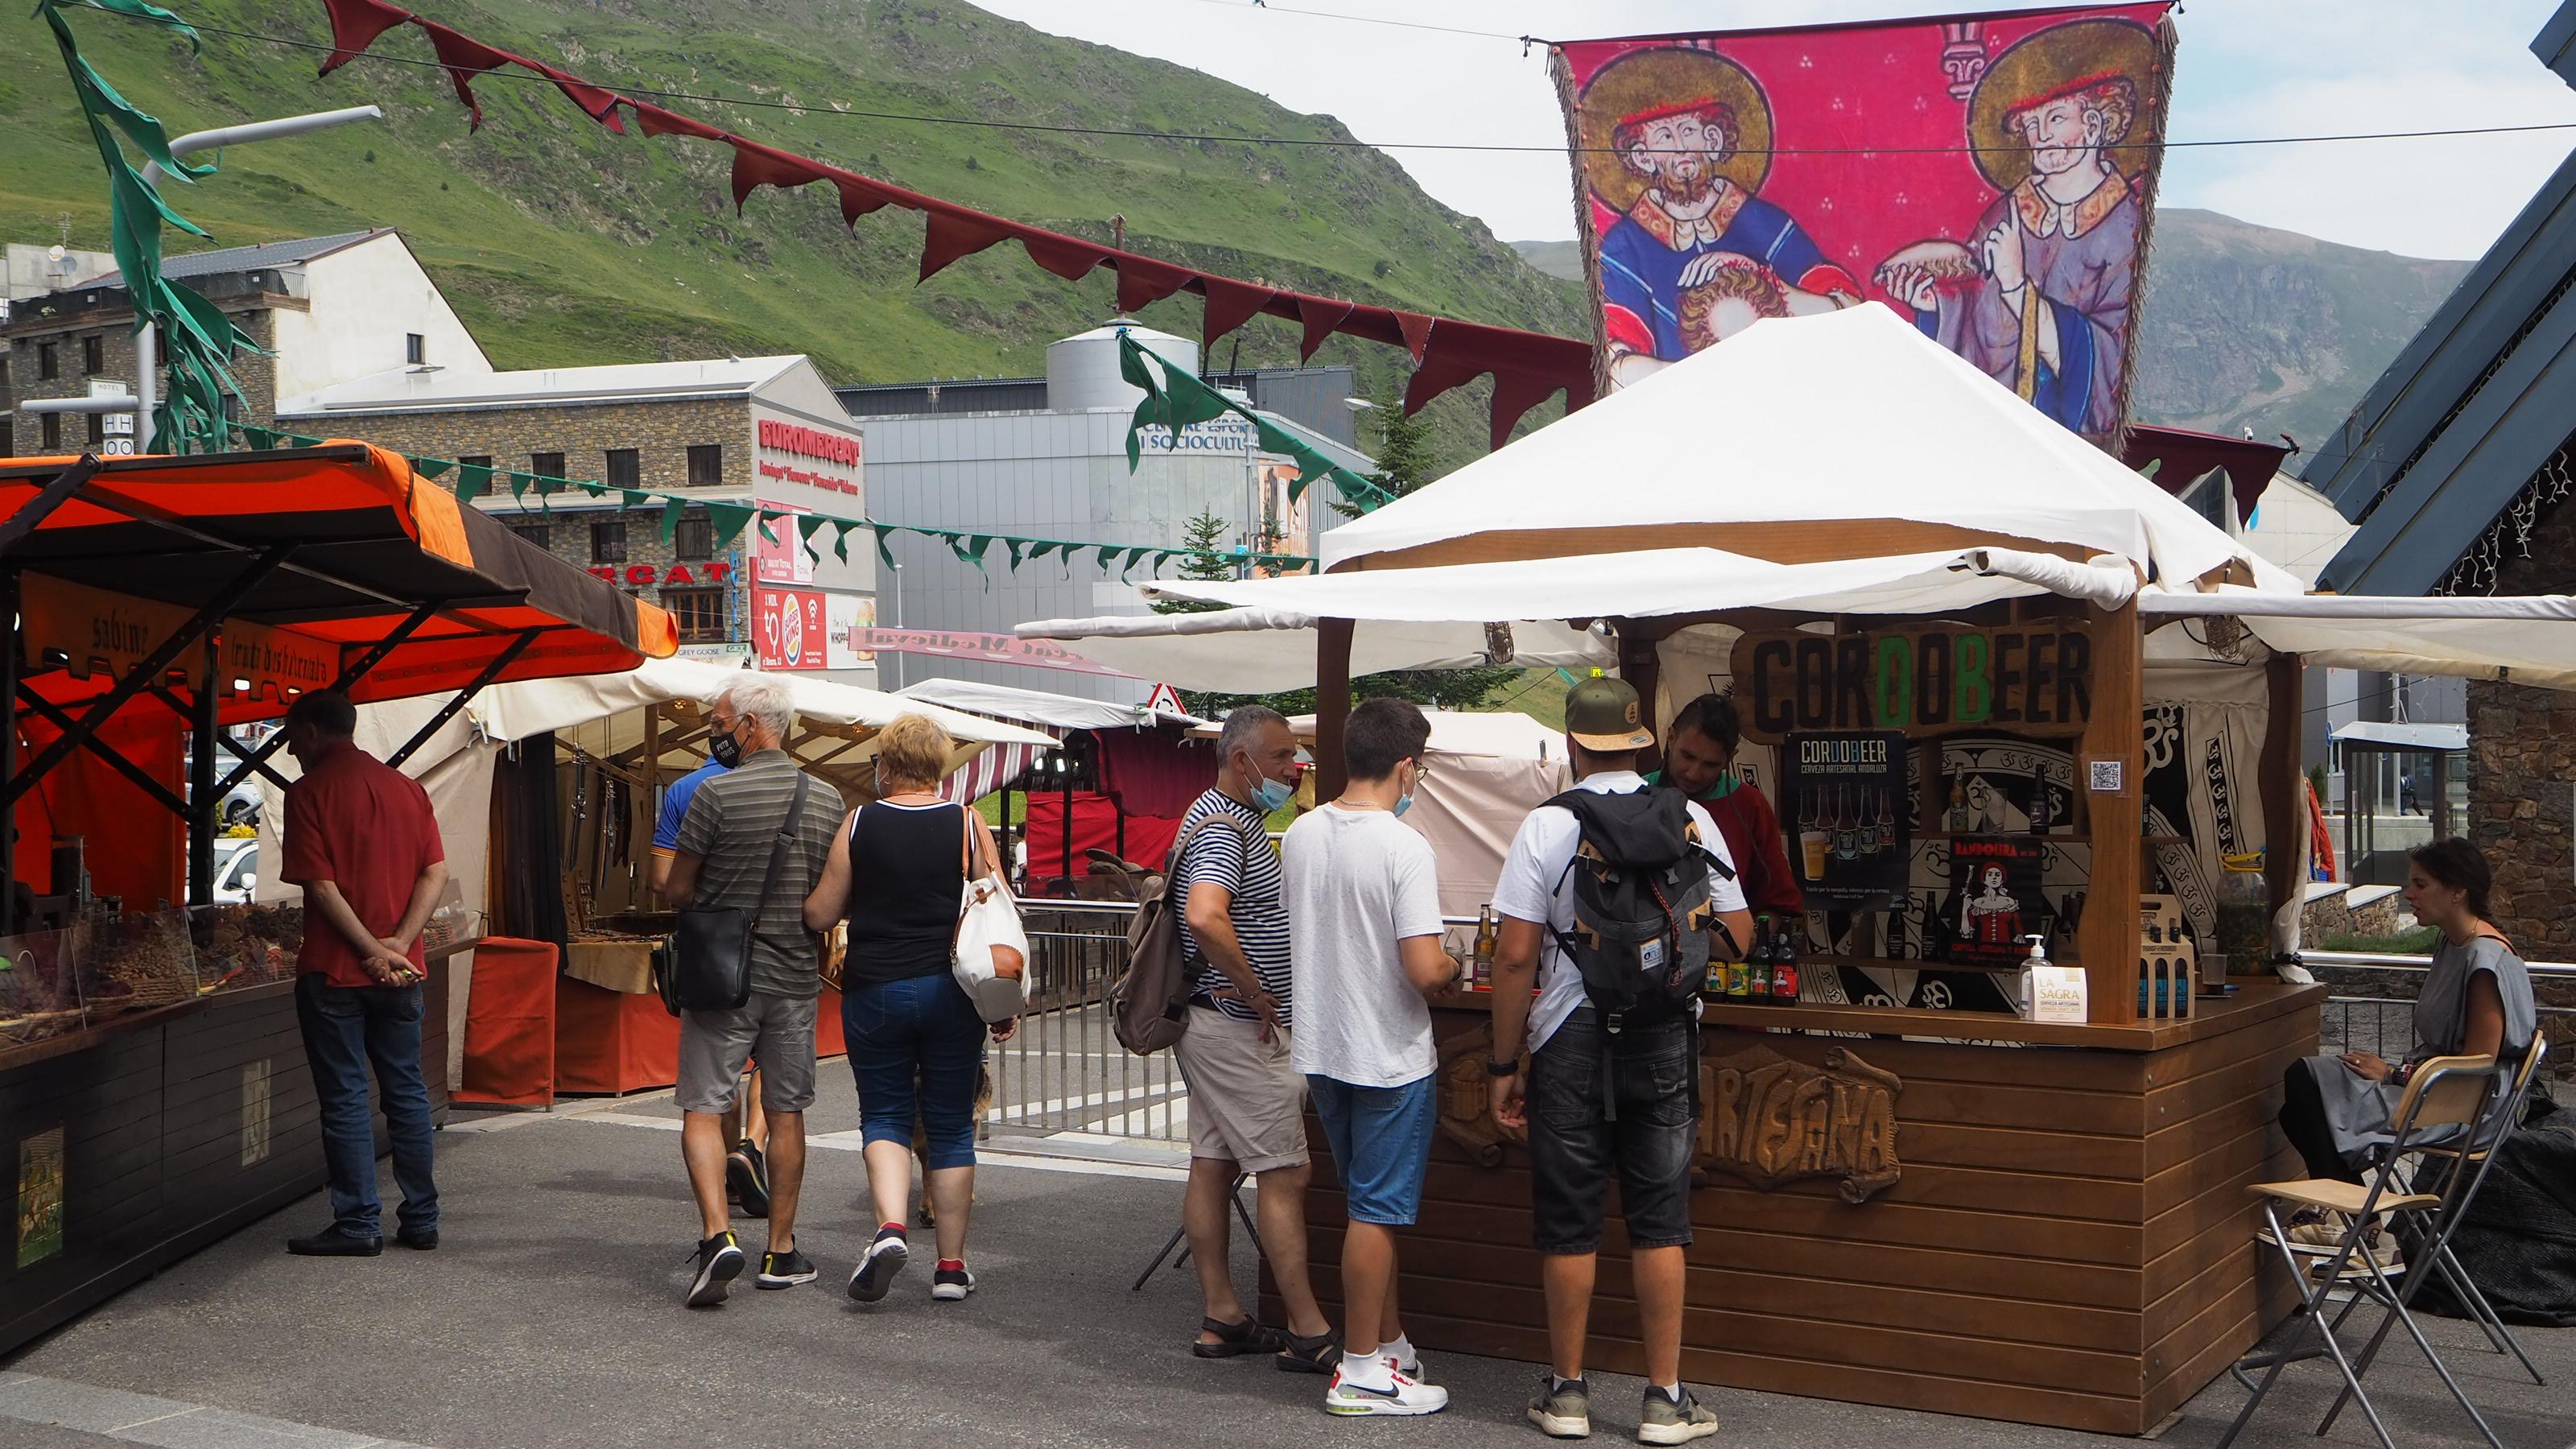 El mercat d'estiu es trasllada al Pas de la Casa amb una vintena d'artesans i més parades de menjar